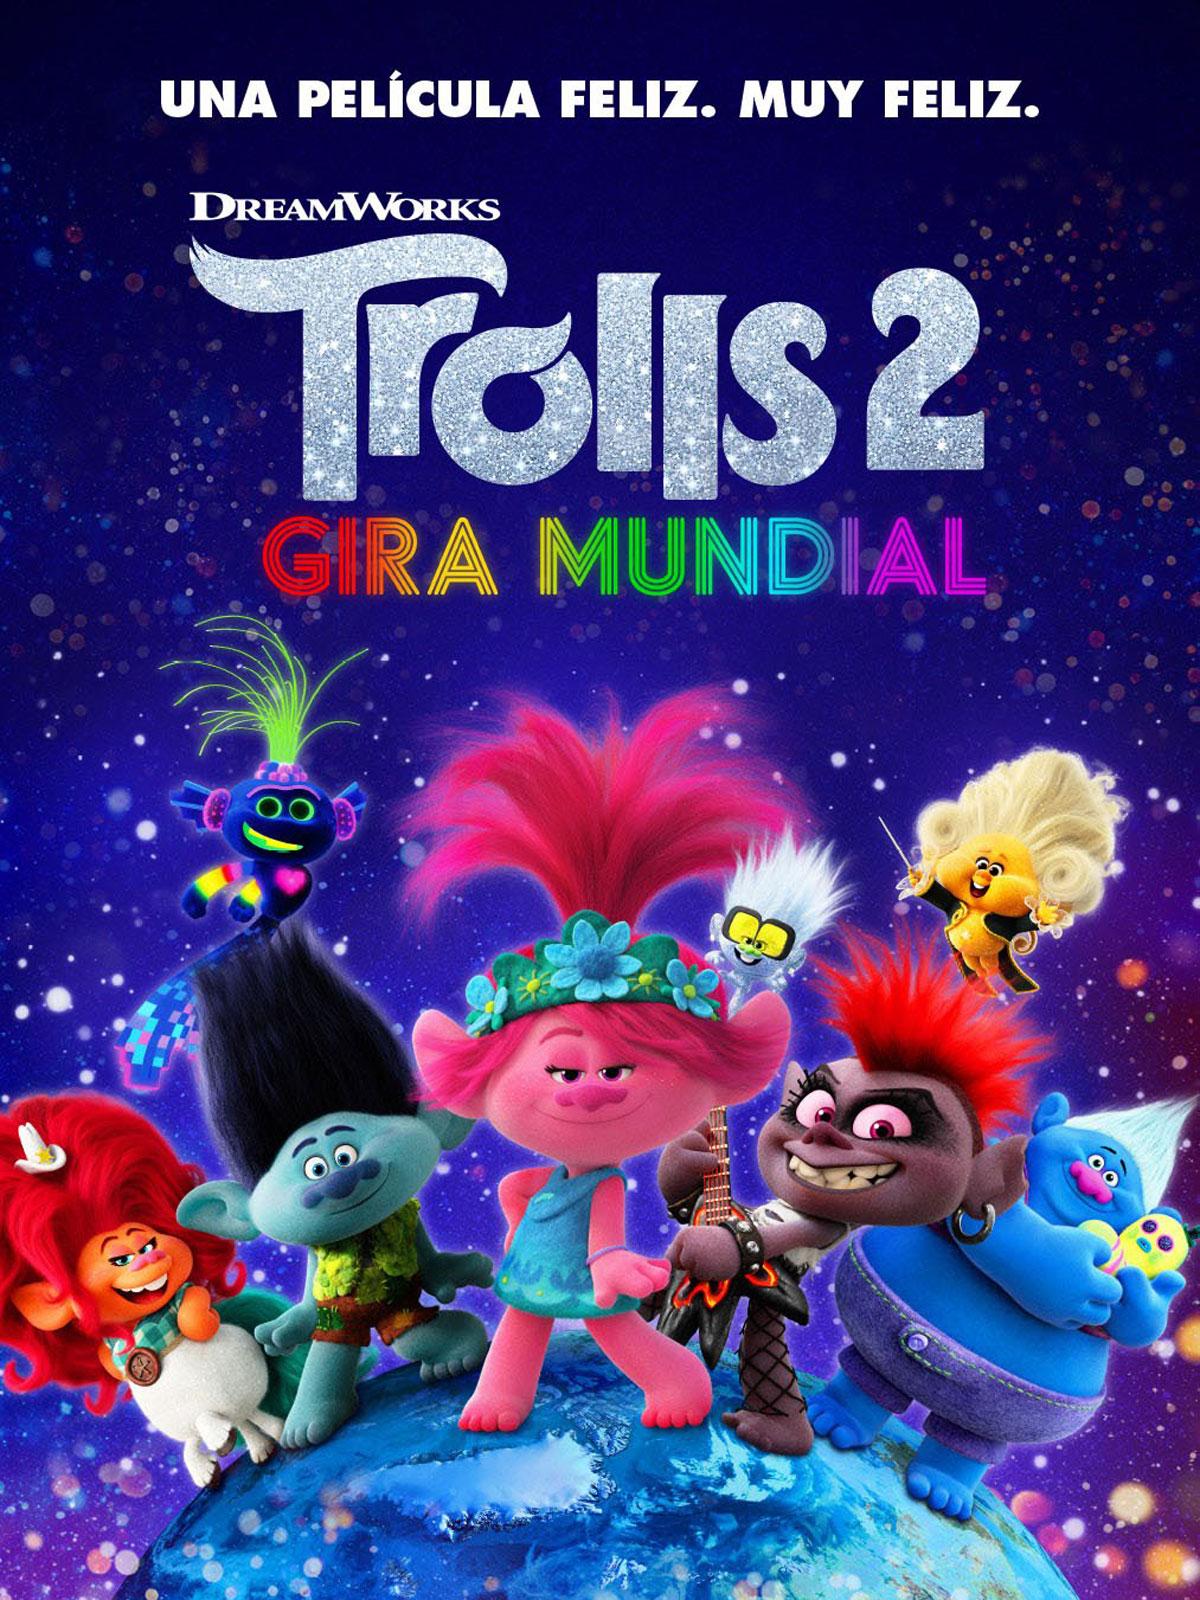 Trolls 2 - Película 2020 - SensaCine.com